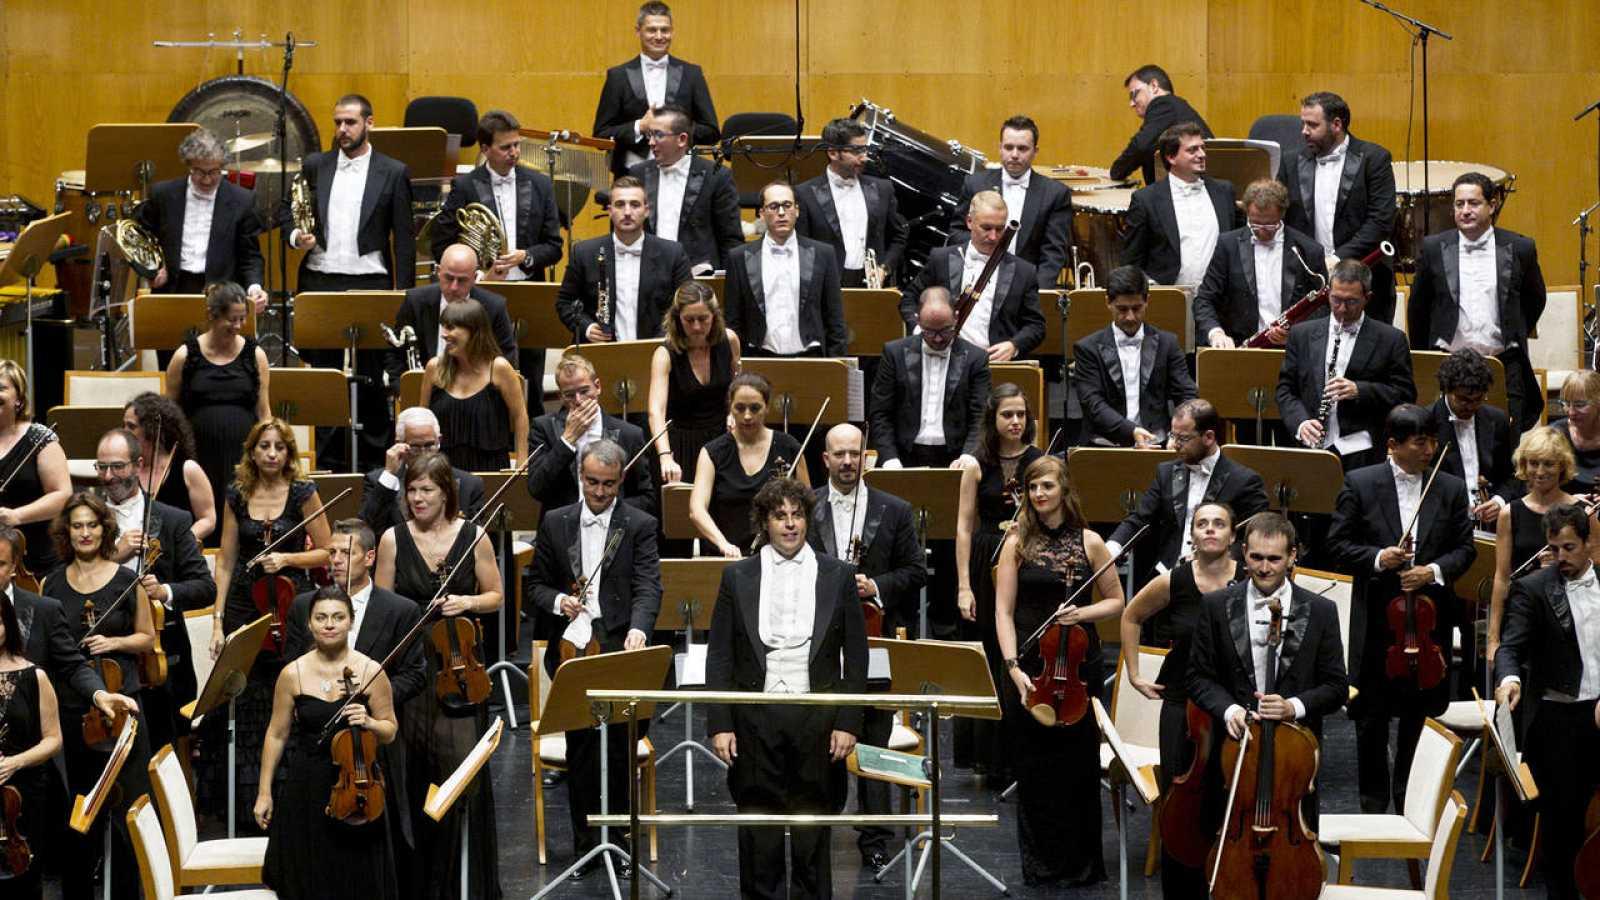 La Orquesta Sinfónica RTVE con Cristóbal Soler